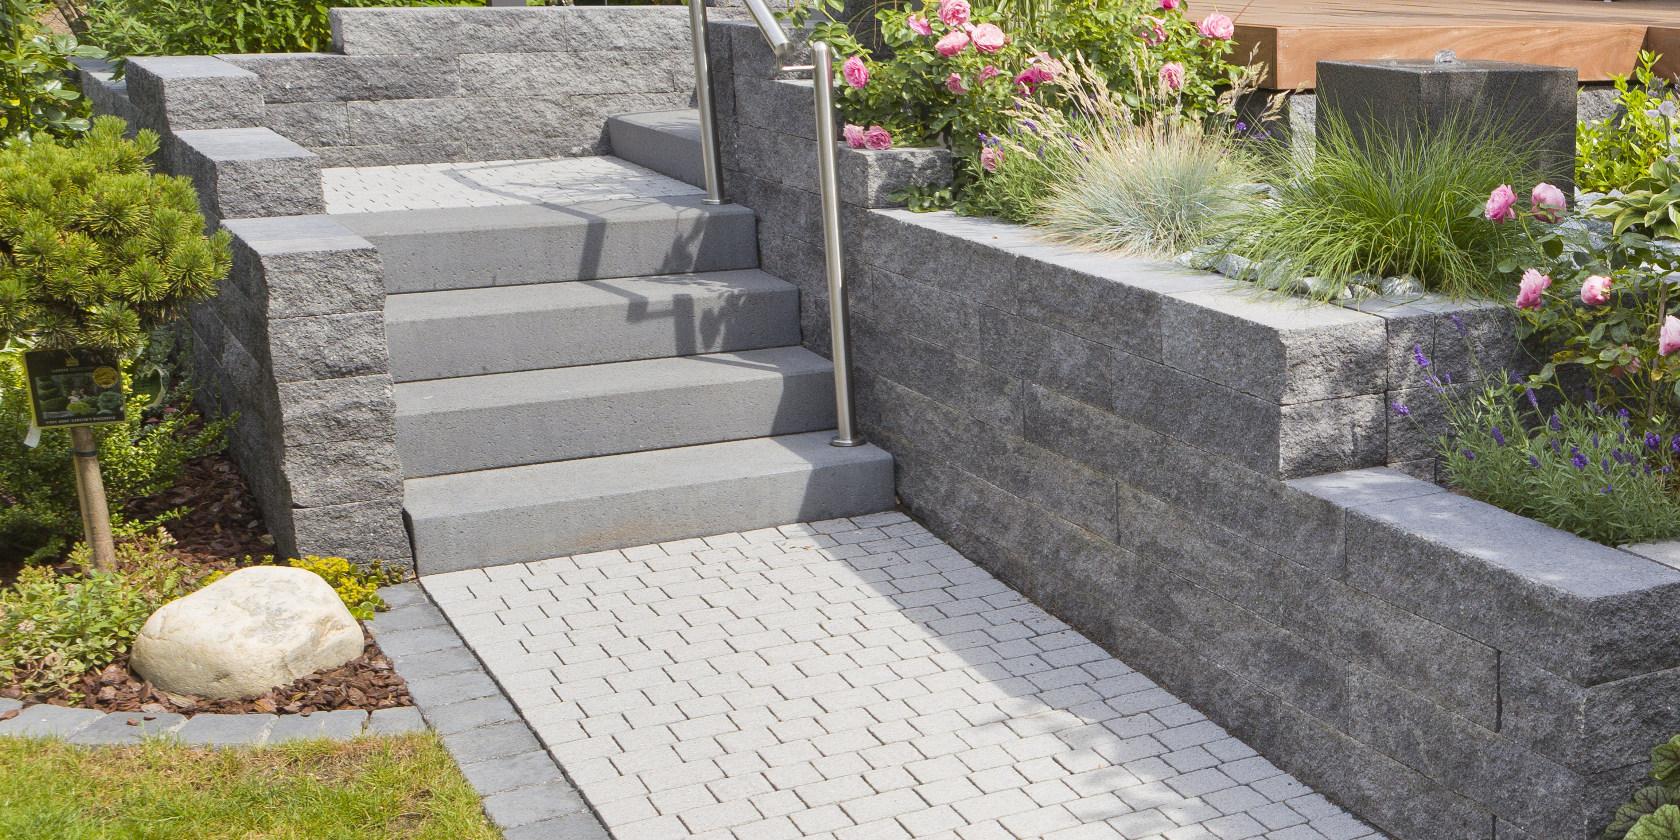 Als Beeteinfassung ist die Catania Steinmauer für die Gartengestaltung die perfekte klassische Wahl.